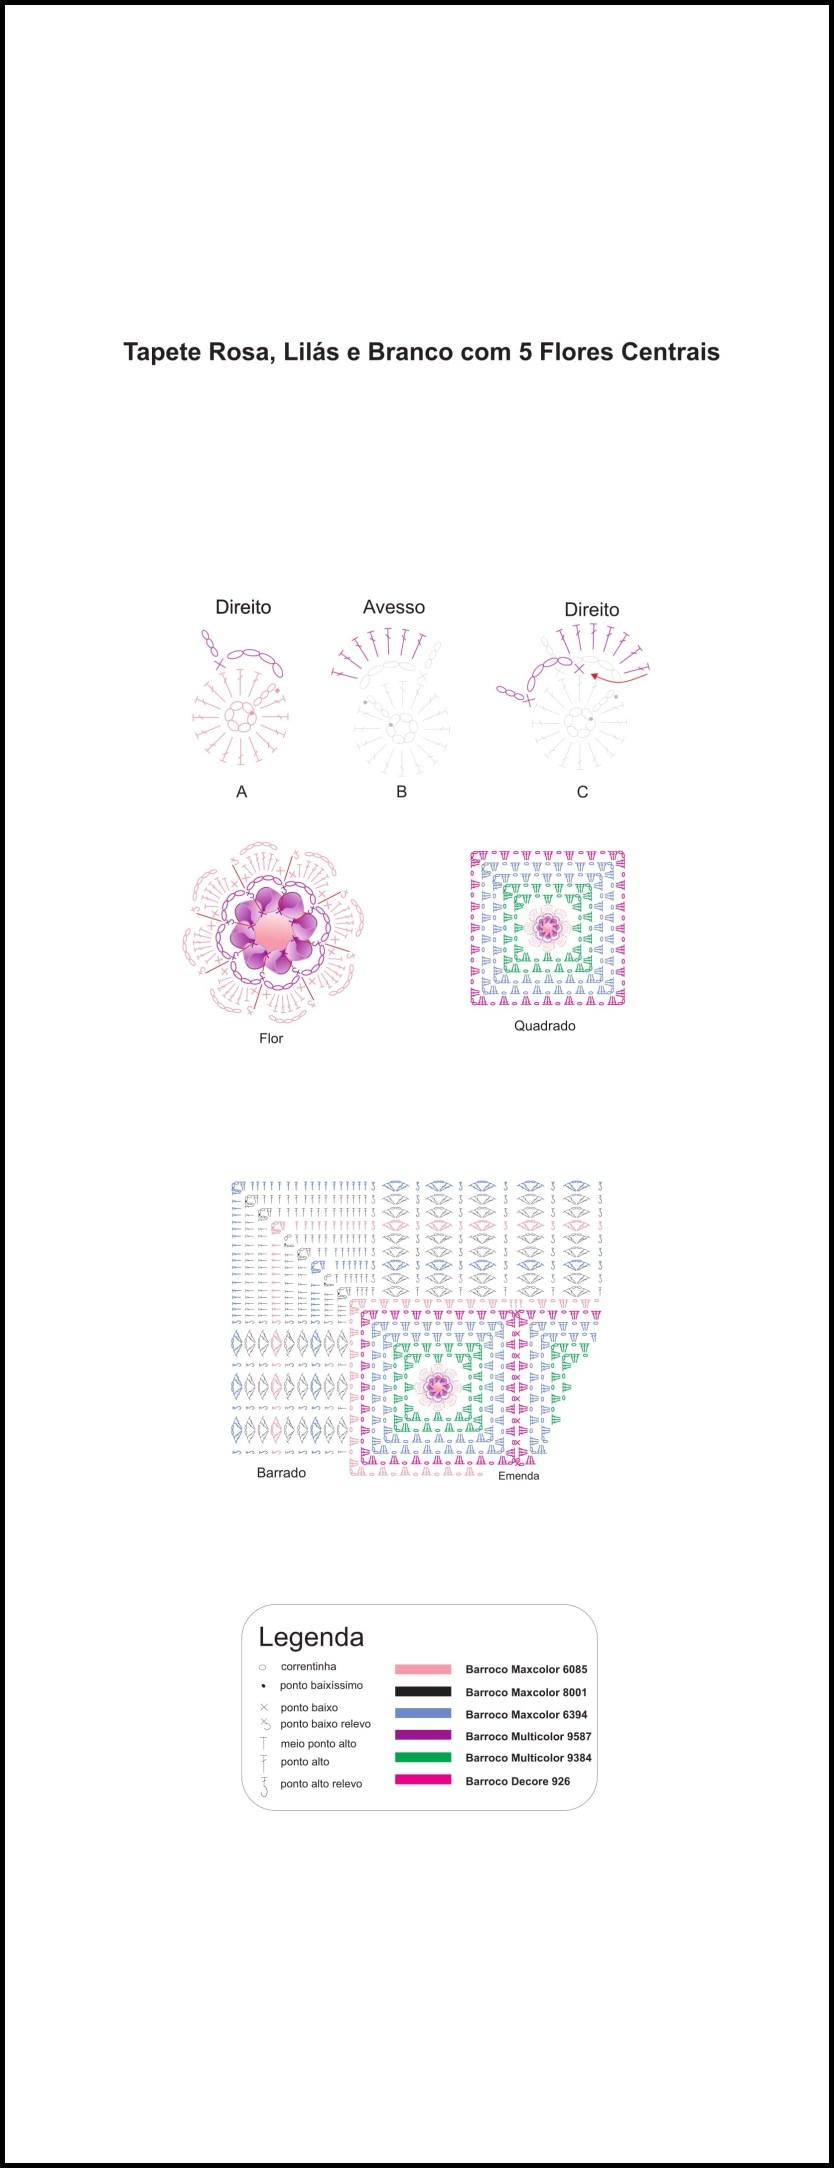 tapete lilas com rosa grafico - TAPETES DE CROCHÊ COM GRÁFICOS E RECEITAS MODELOS 2017